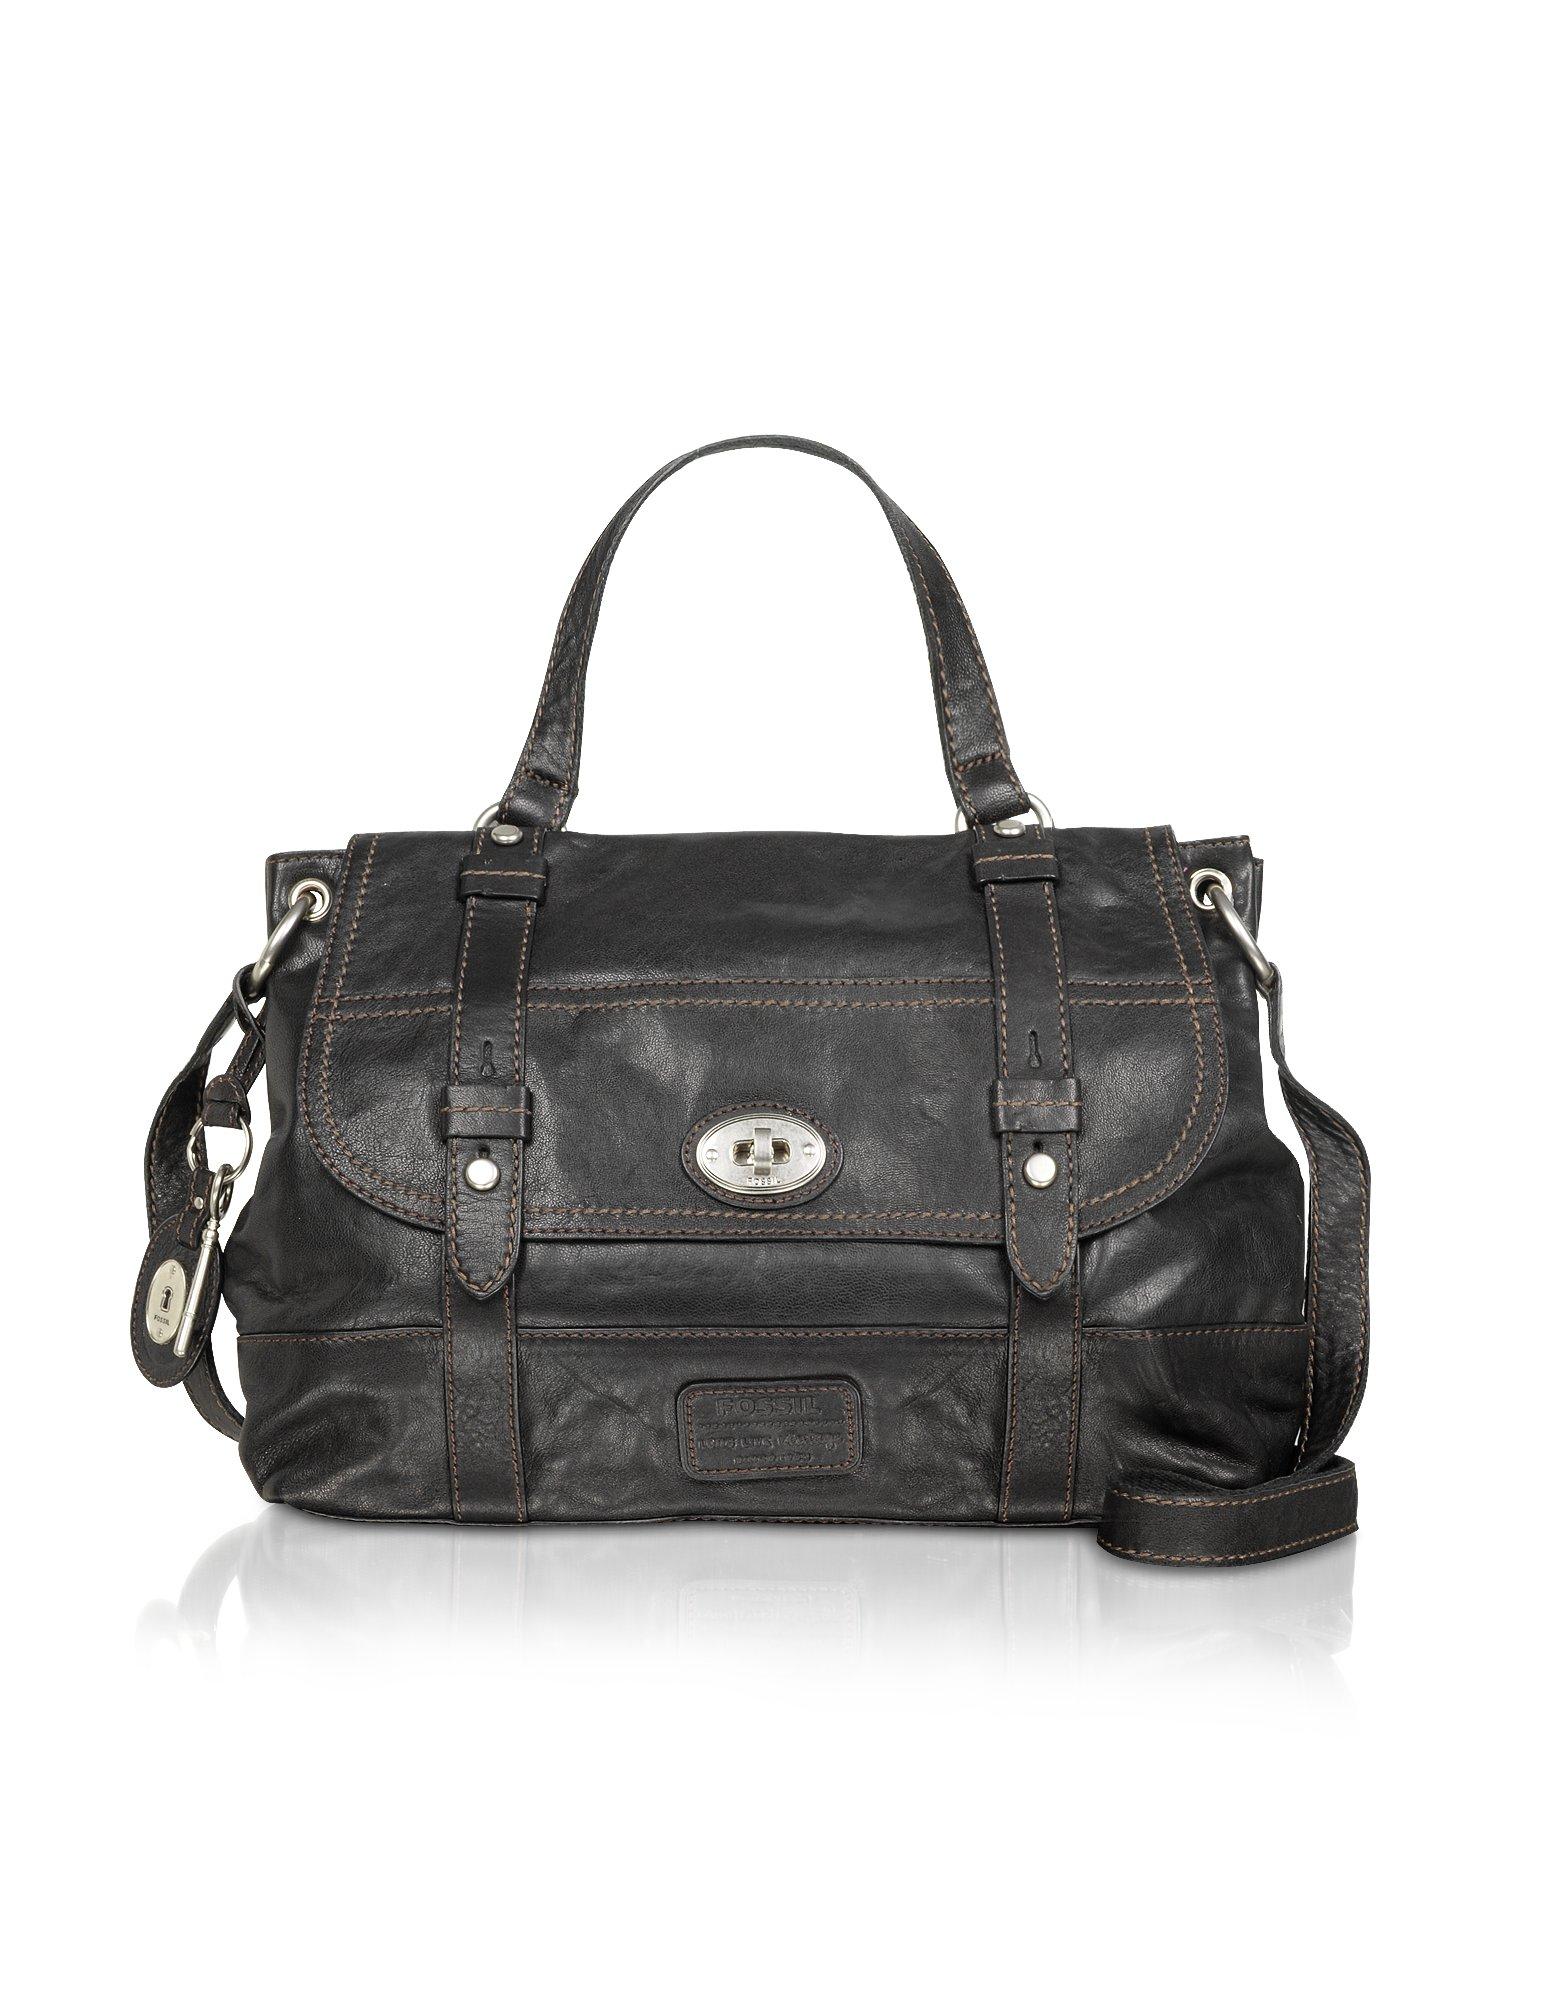 Fantastic Fossil Womenu0026#39;s Morgan North/South Top Zip Leather Messenger Bag Satchel - Black - Walmart.com